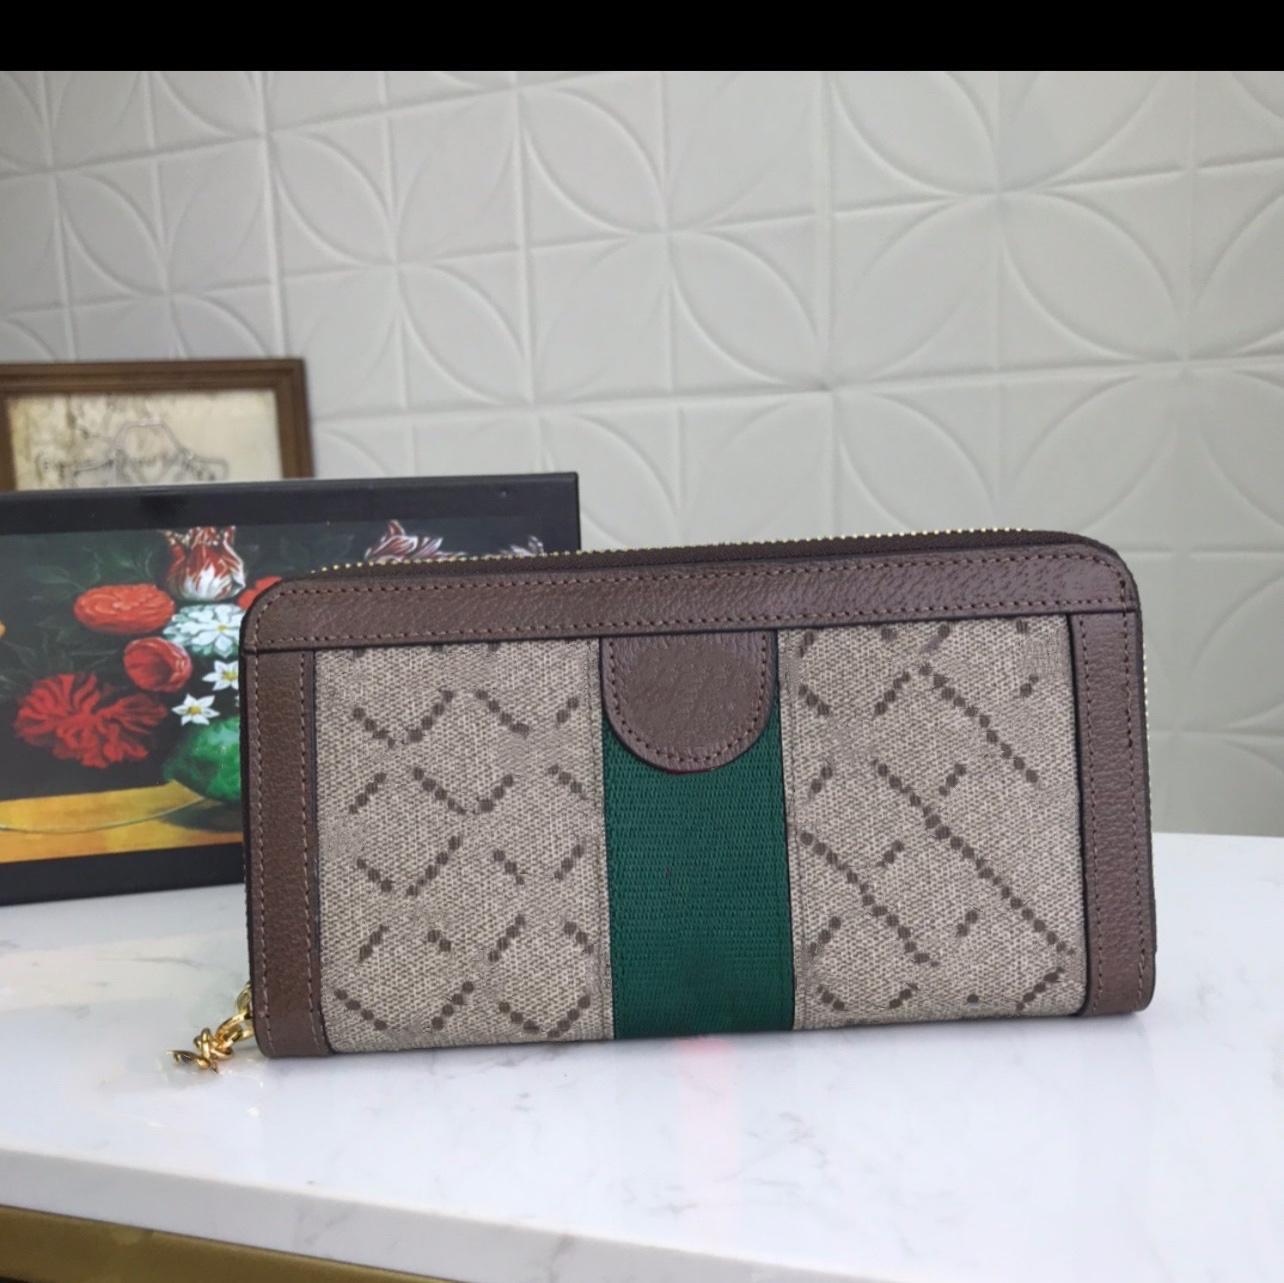 Lange Frauen Standard Vintage Wallet Zweifarbige Faserleiste Doppelbuchstabe G Reißverschluss Zahlreicher Kartenhalter Note Fächer Münztasche in großer Kapazität